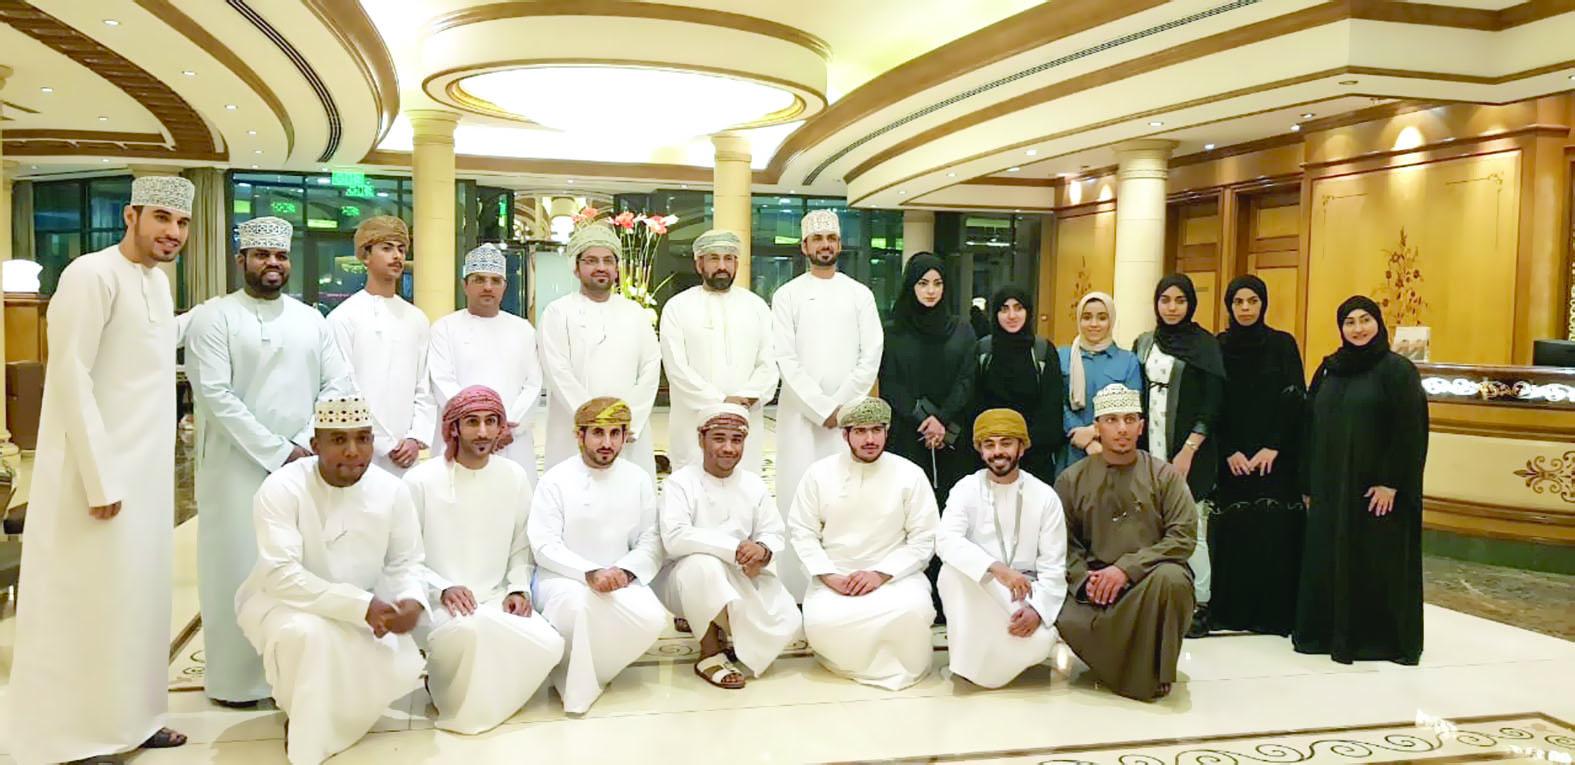 السلطنة تشارك في المهرجان الشبابي العالمي الأول للتنمية المستدامة بالبحرين